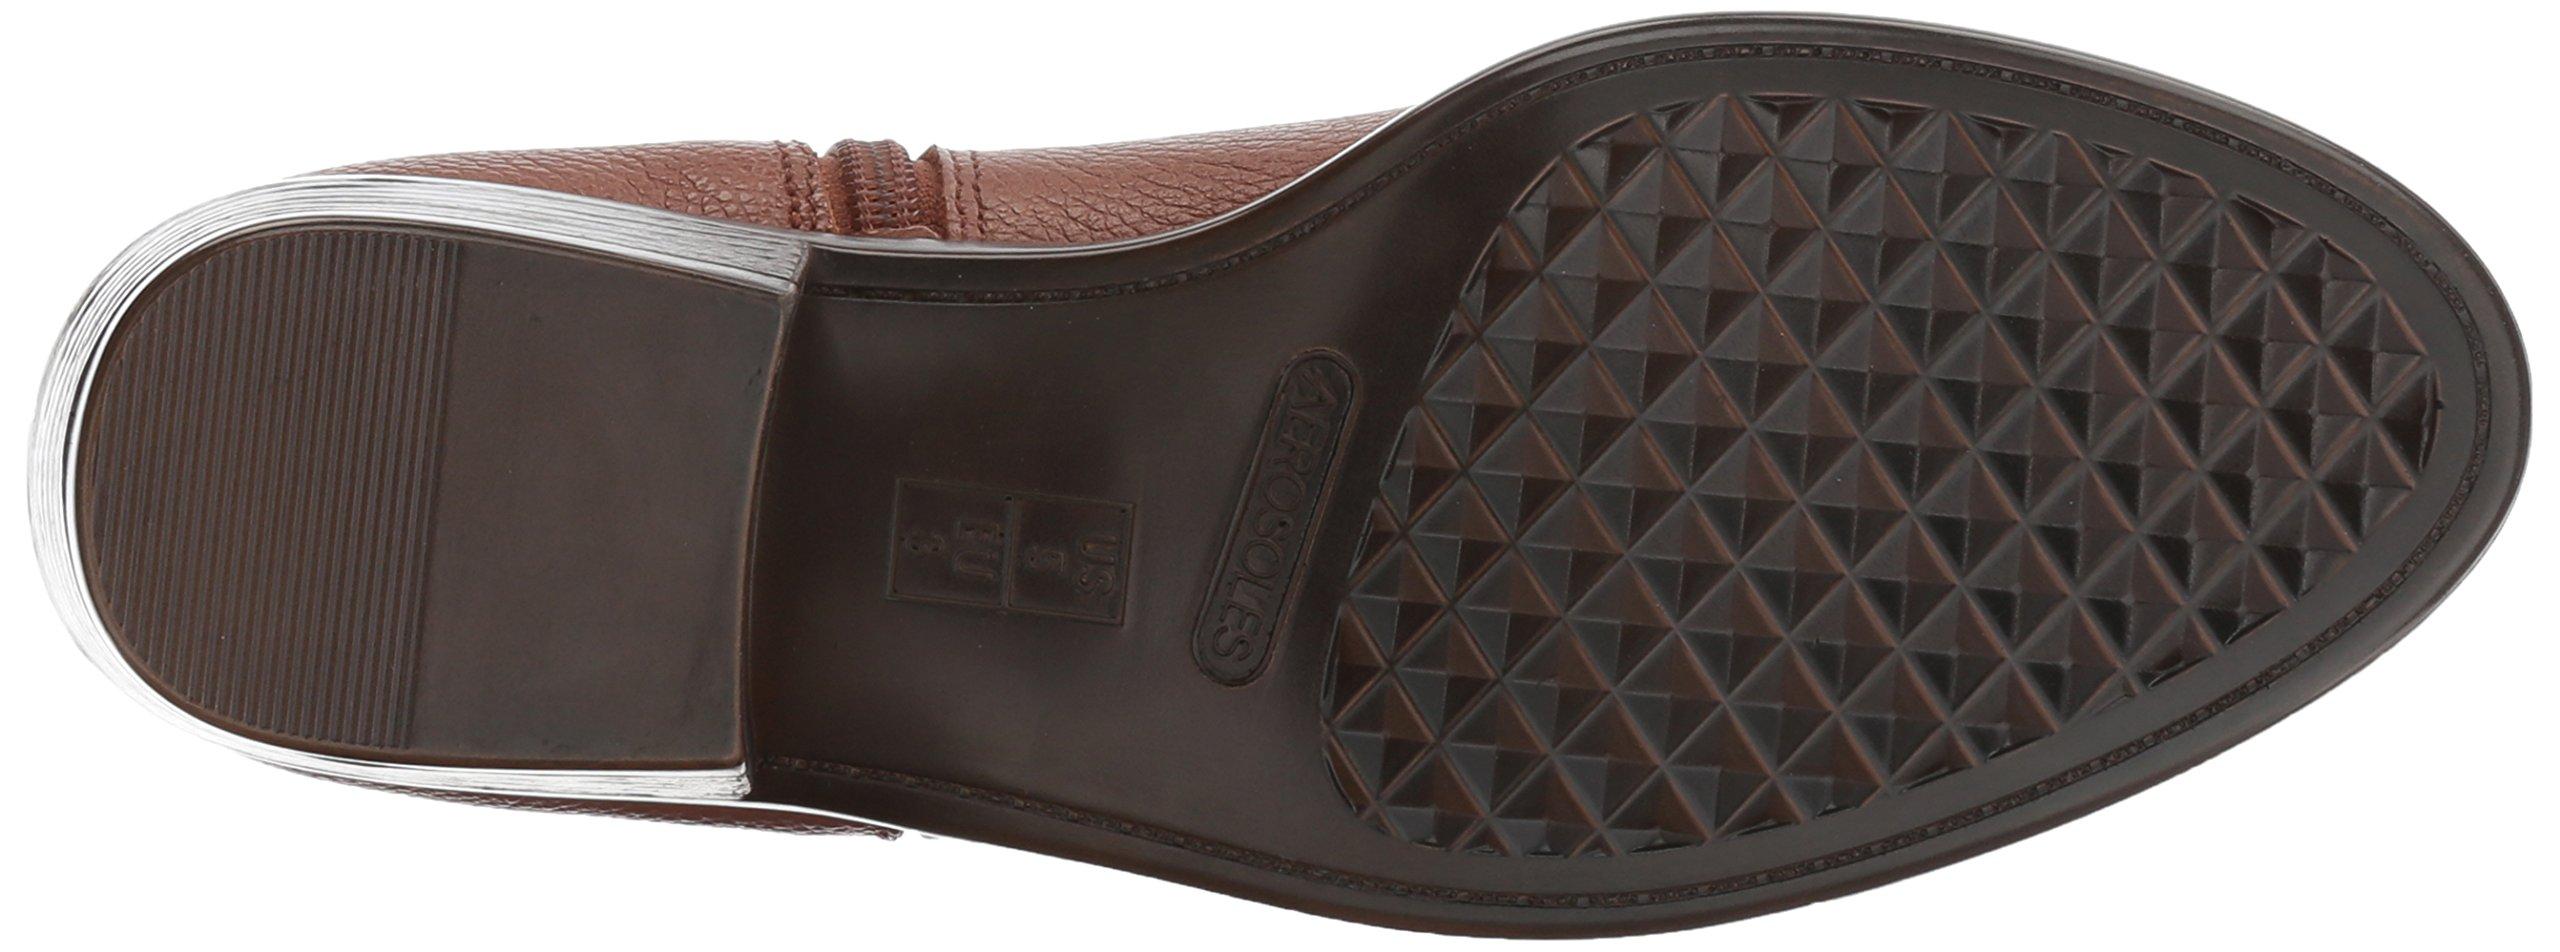 Aerosoles Women's Mythology Boot, Dark Tan Leather, 9 W US by Aerosoles (Image #3)